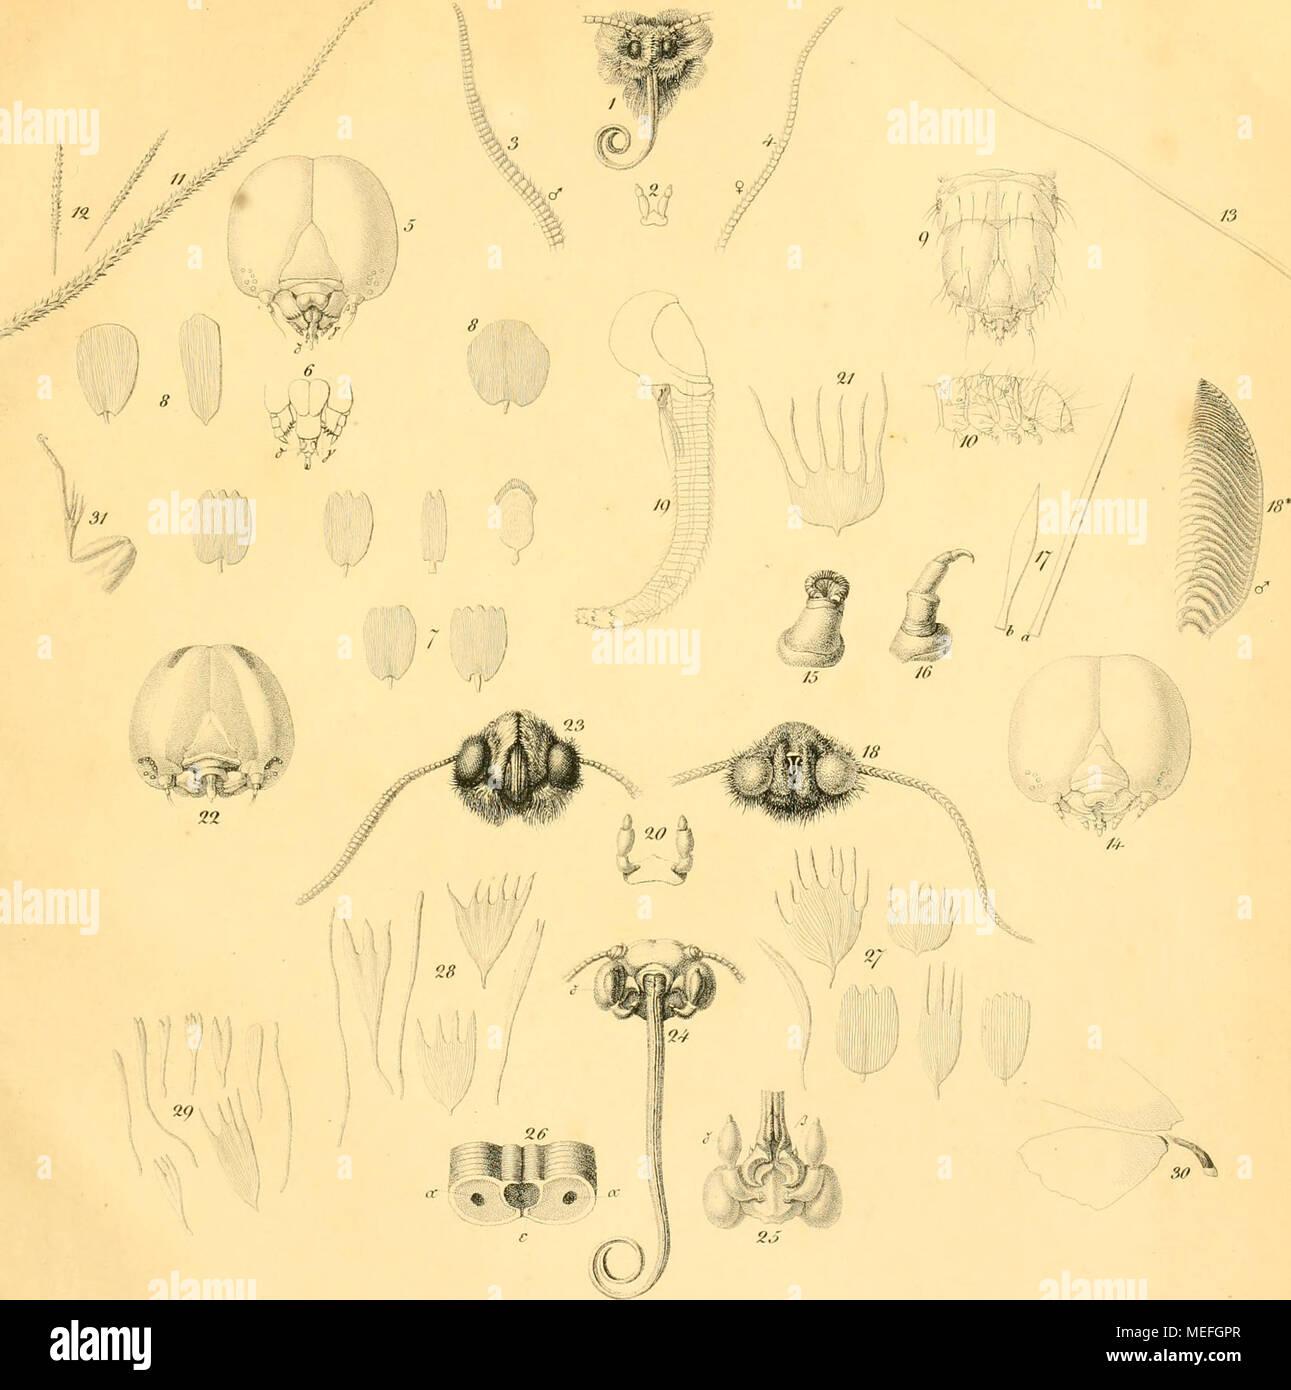 Wunderbar Beschreibung Der Anatomie Und Physiologie Kurs Galerie ...